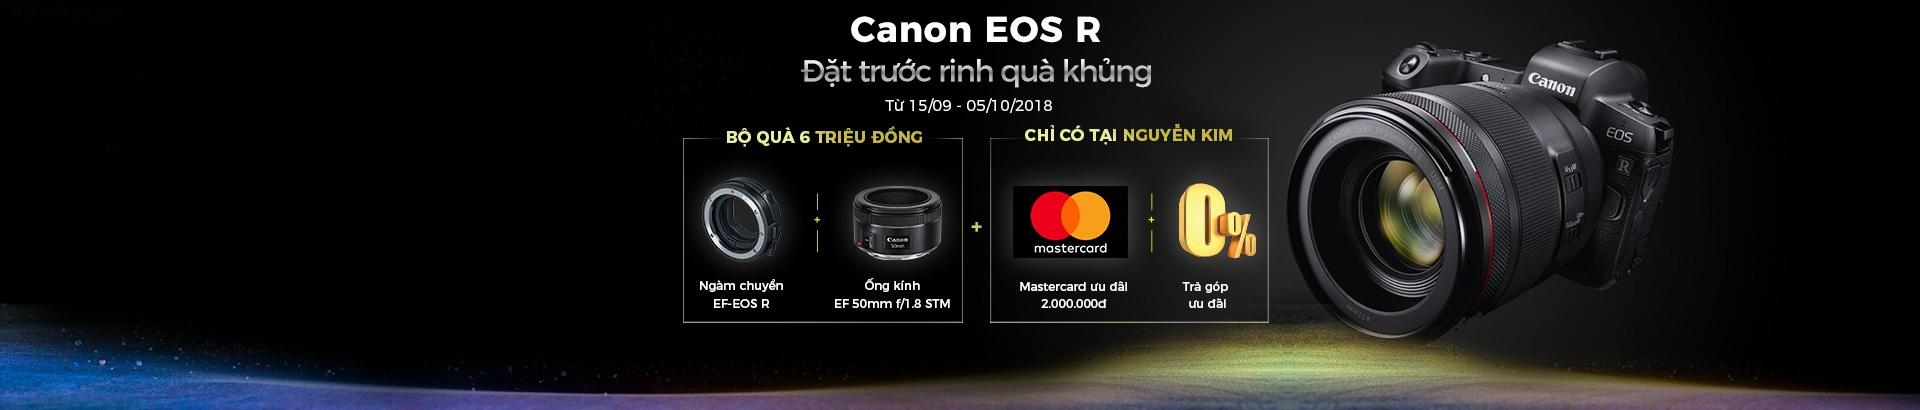 Canon EOS R - Đặt trước rinh quà khủng